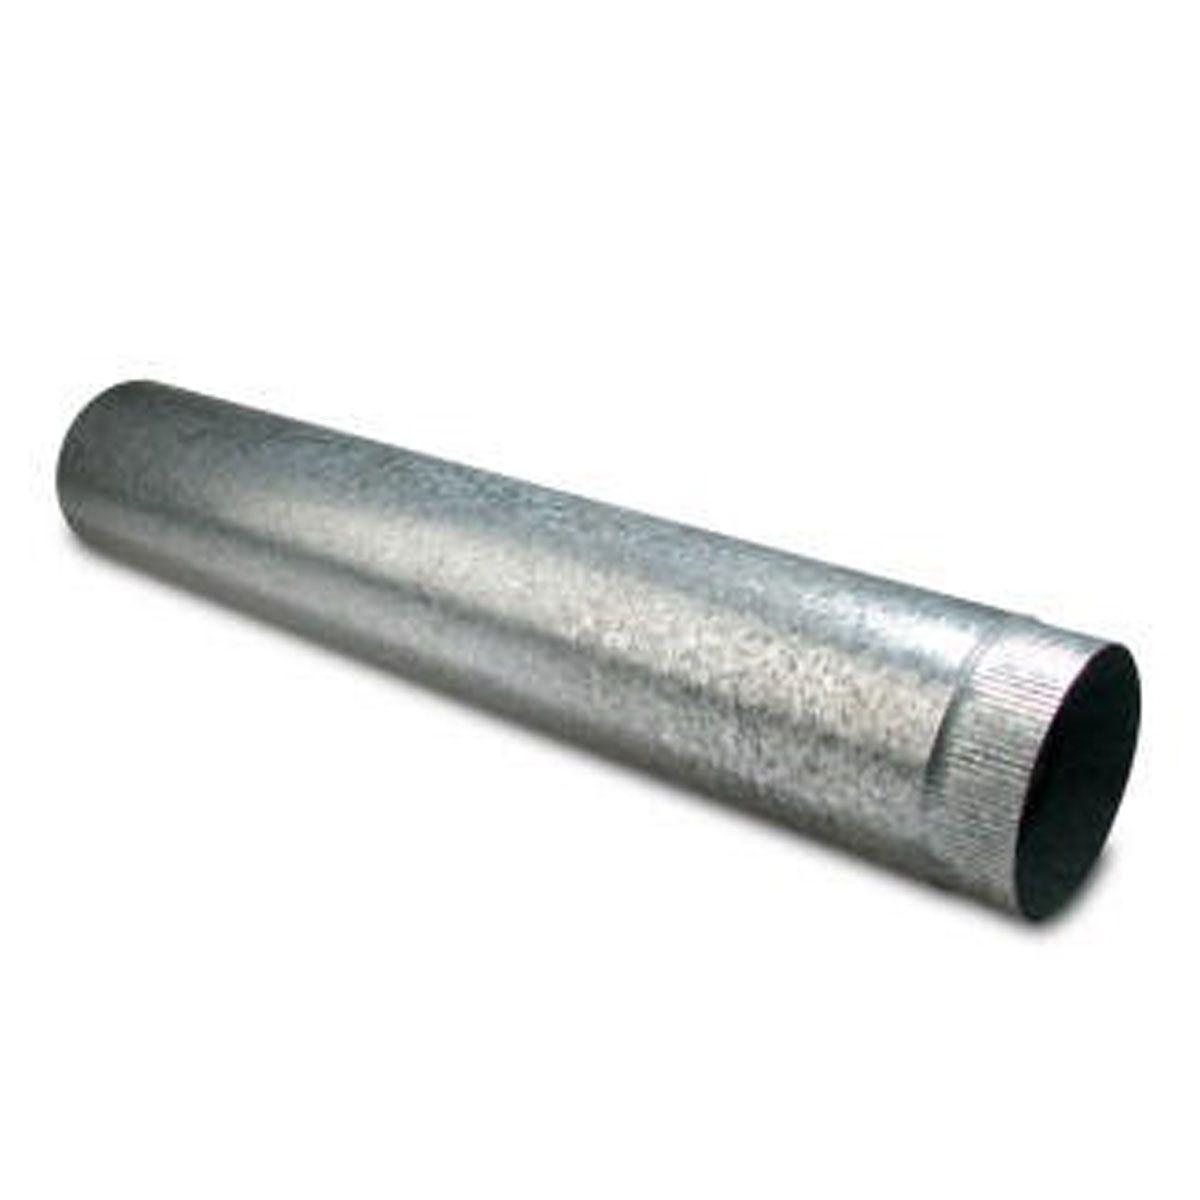 Abgasrohr starr zu Ölheizgebläse, Stahlblech verzinkt, D 120 mm, L: 1 m